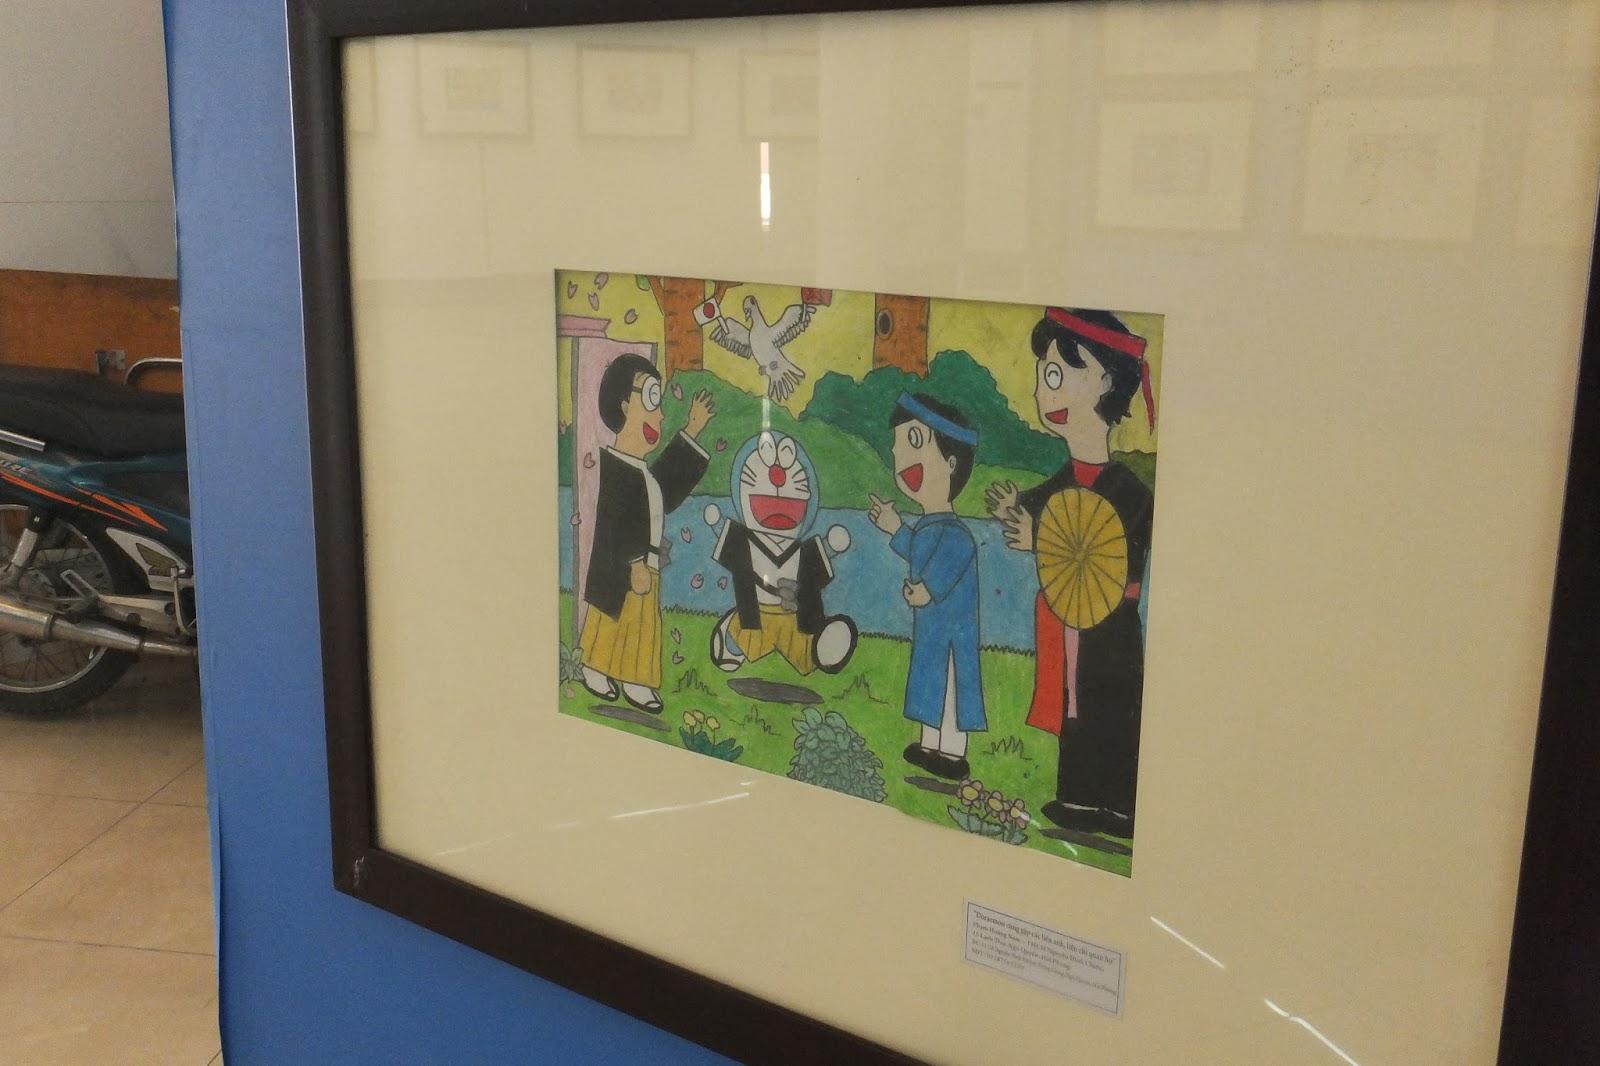 doraemon-exhibition-hanoi ドラえもんお絵描き展4